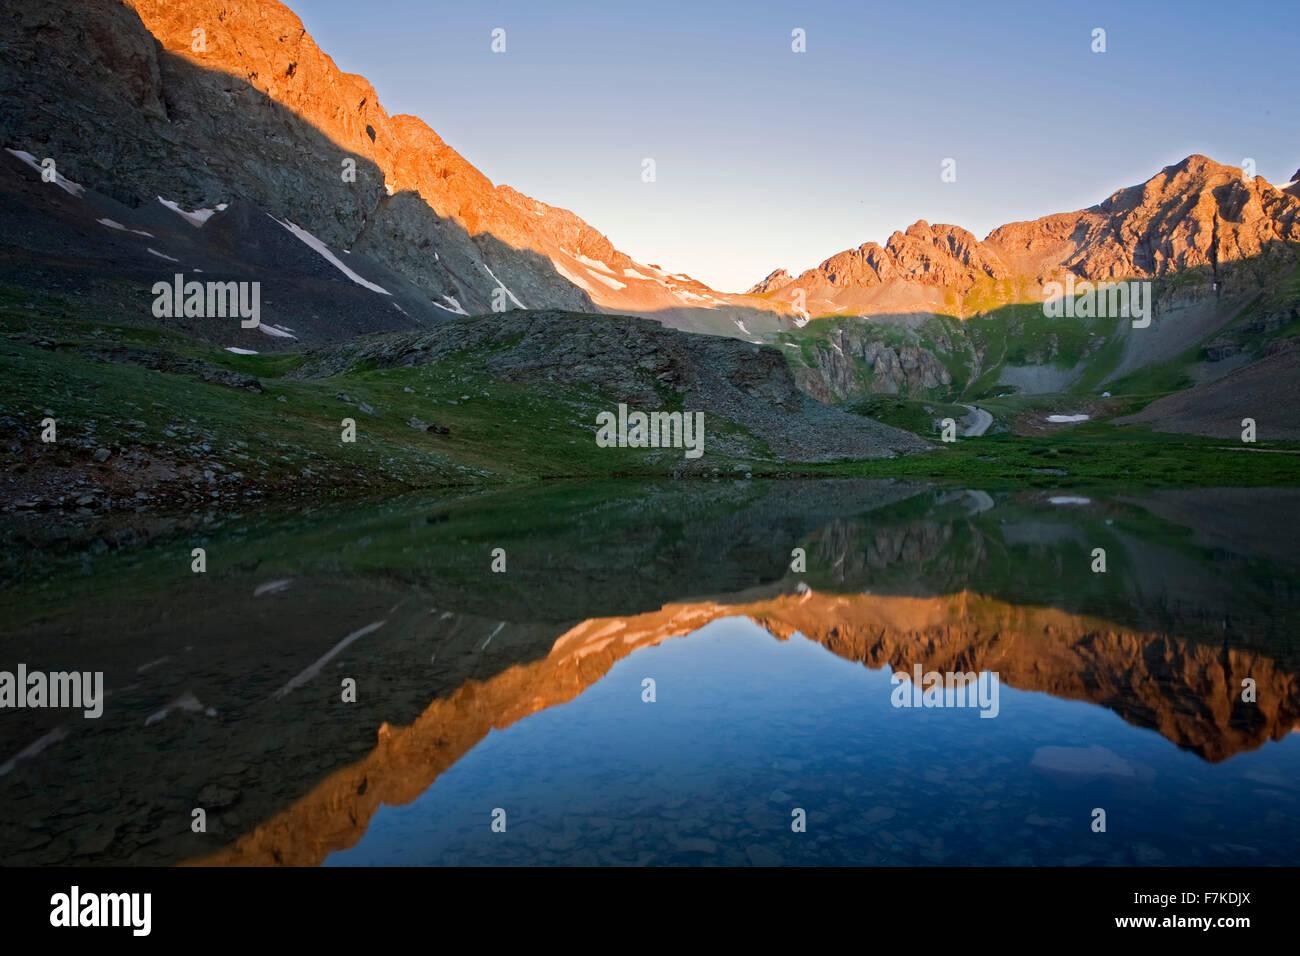 Berge spiegelt sich am Teich in der Nähe von Clear Lake, San Juan National Forest, Colorado USA Stockbild